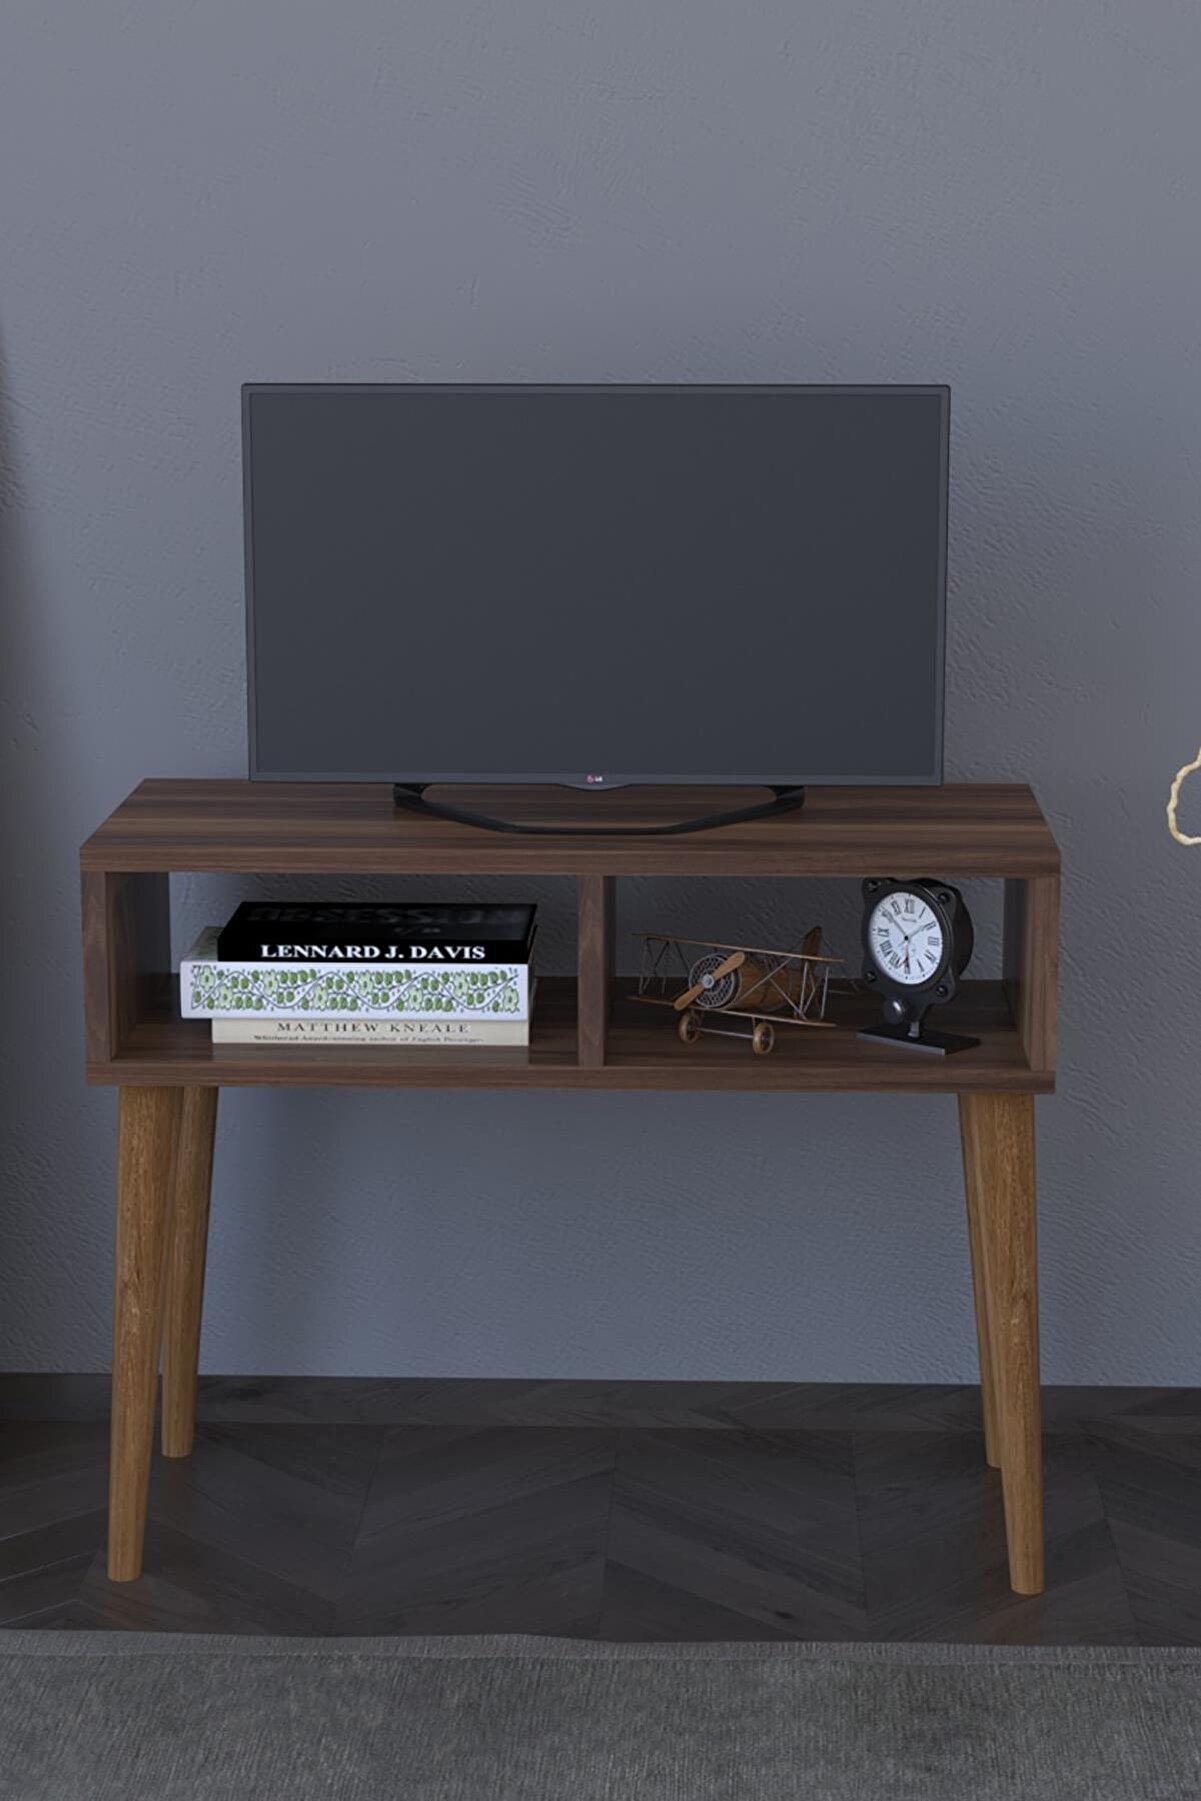 Remaks Retro Tv Sehpası Ünitesi - Ceviz